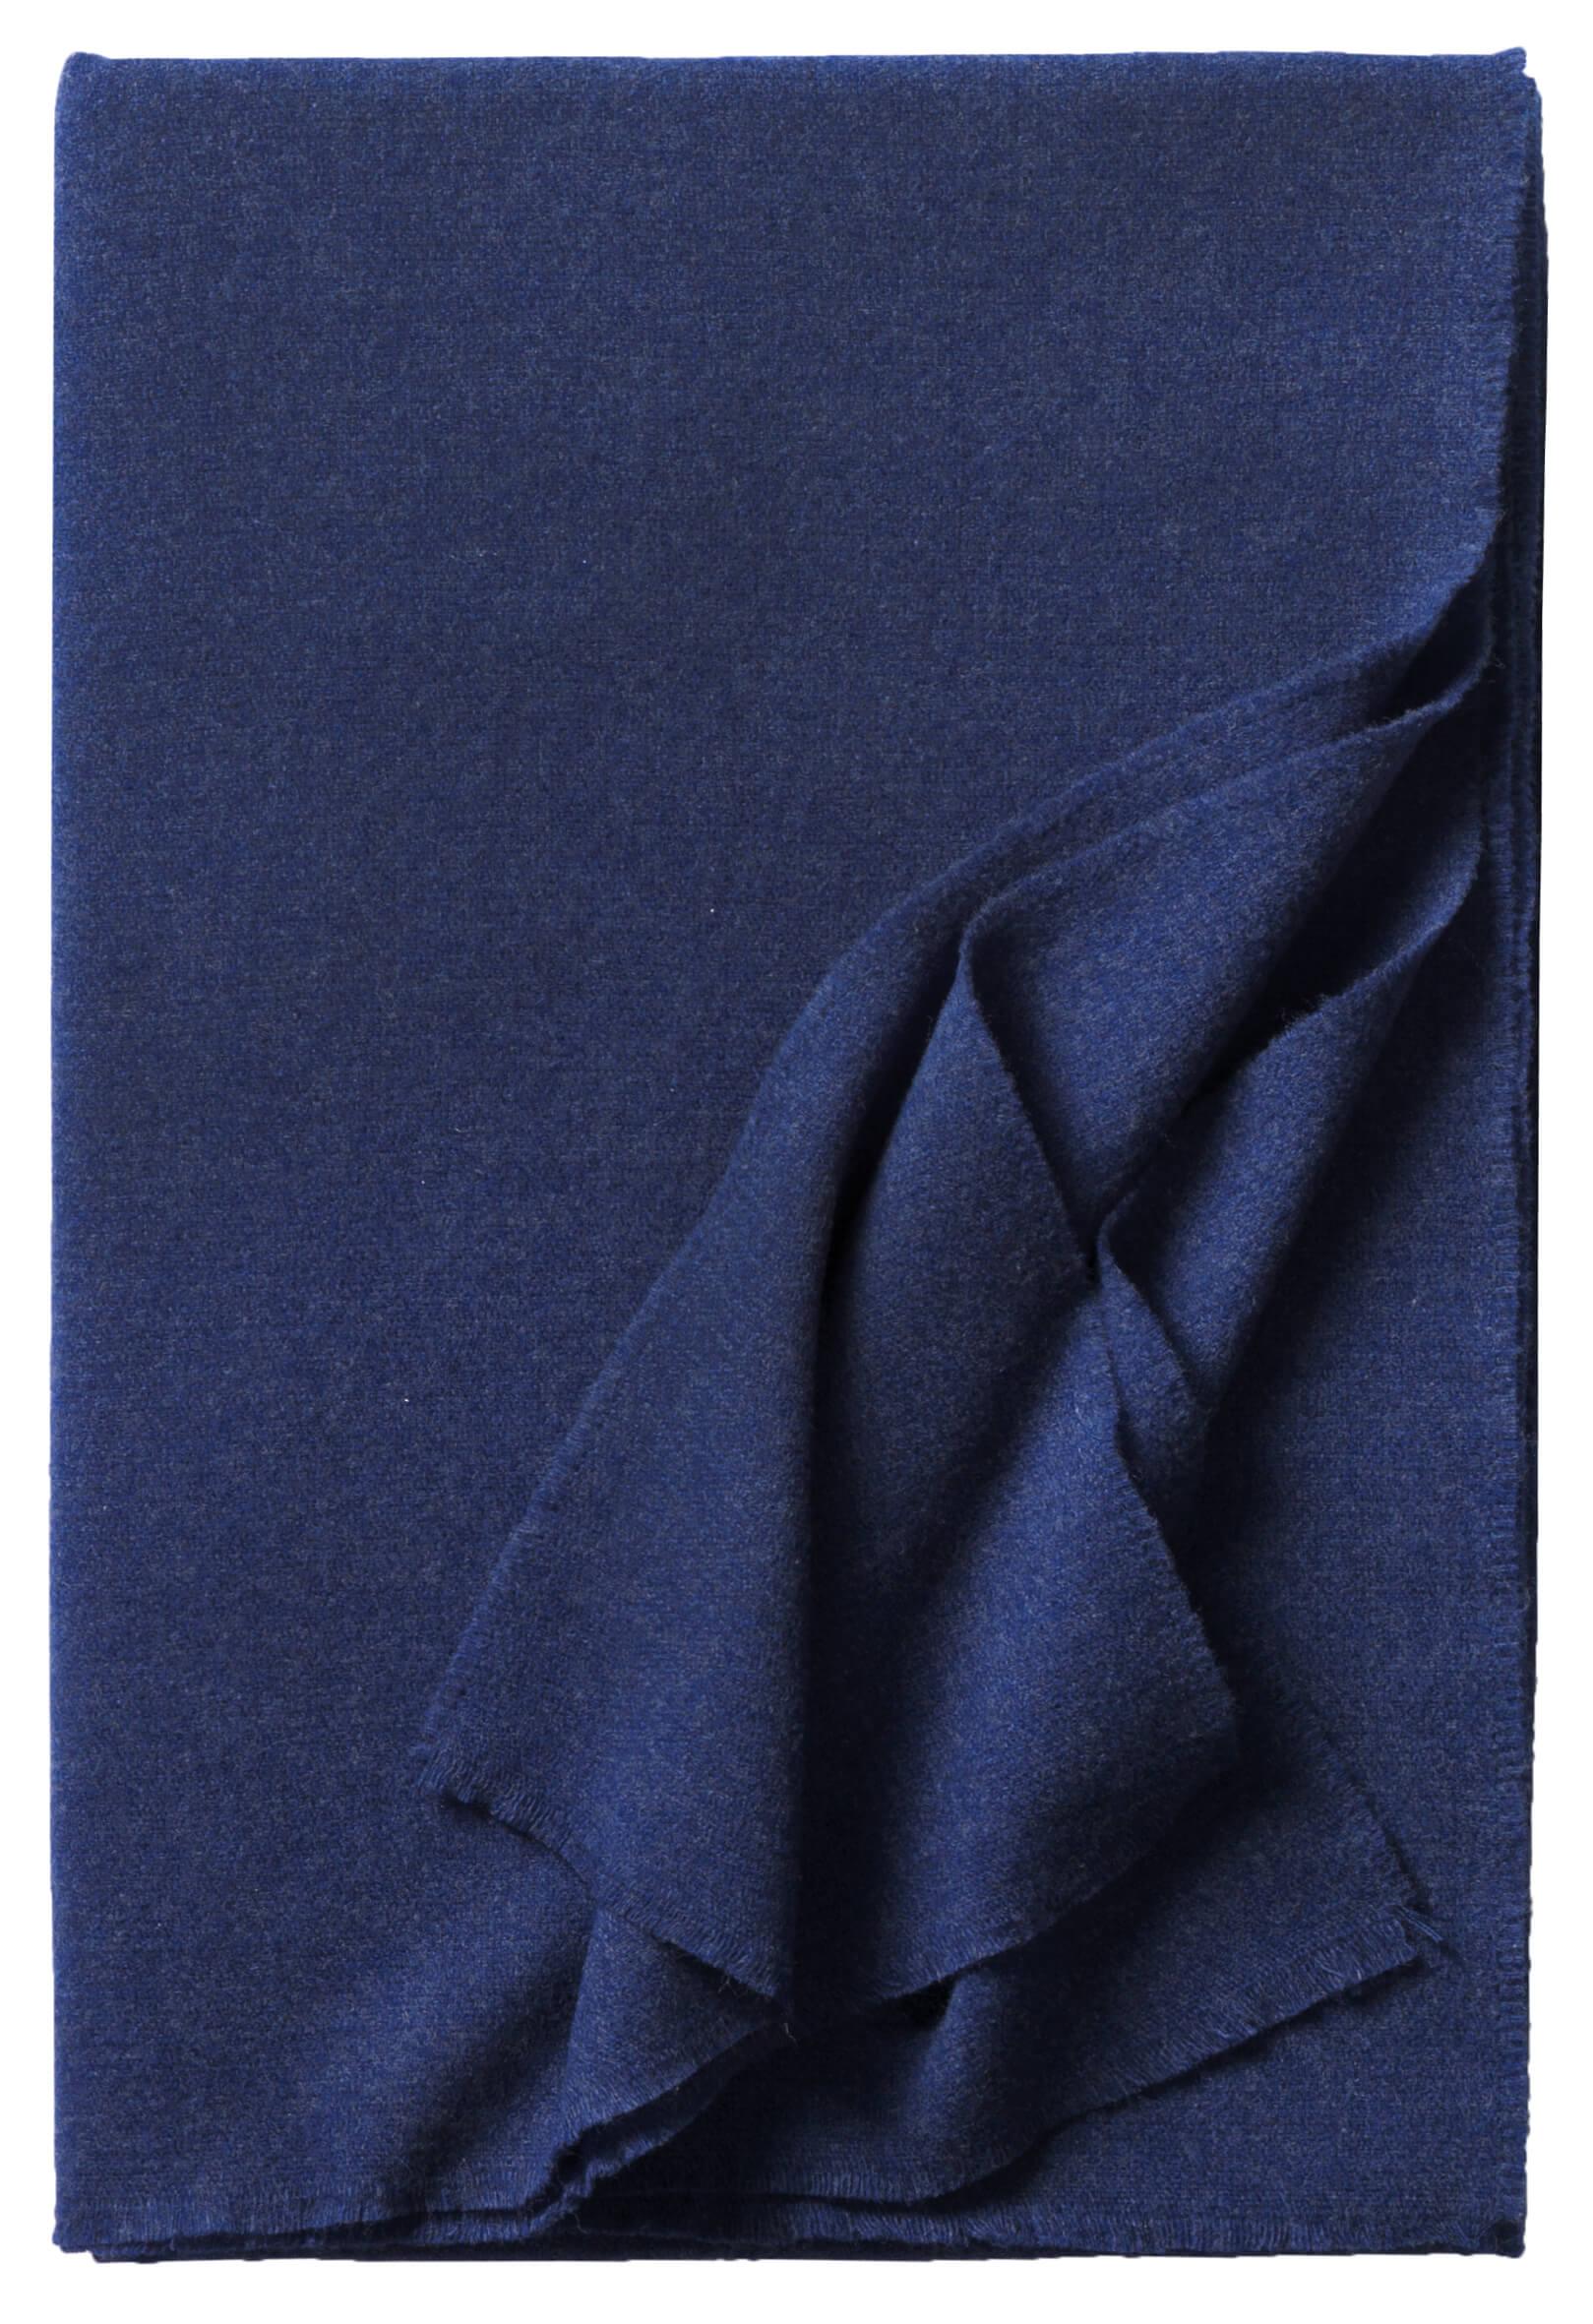 Bild von Elba105, Variante blau